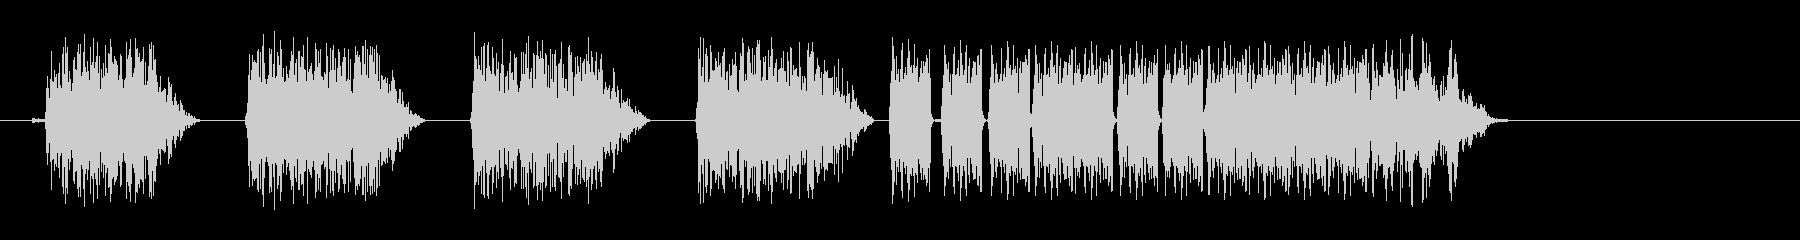 静的なバズスワイプ1の未再生の波形